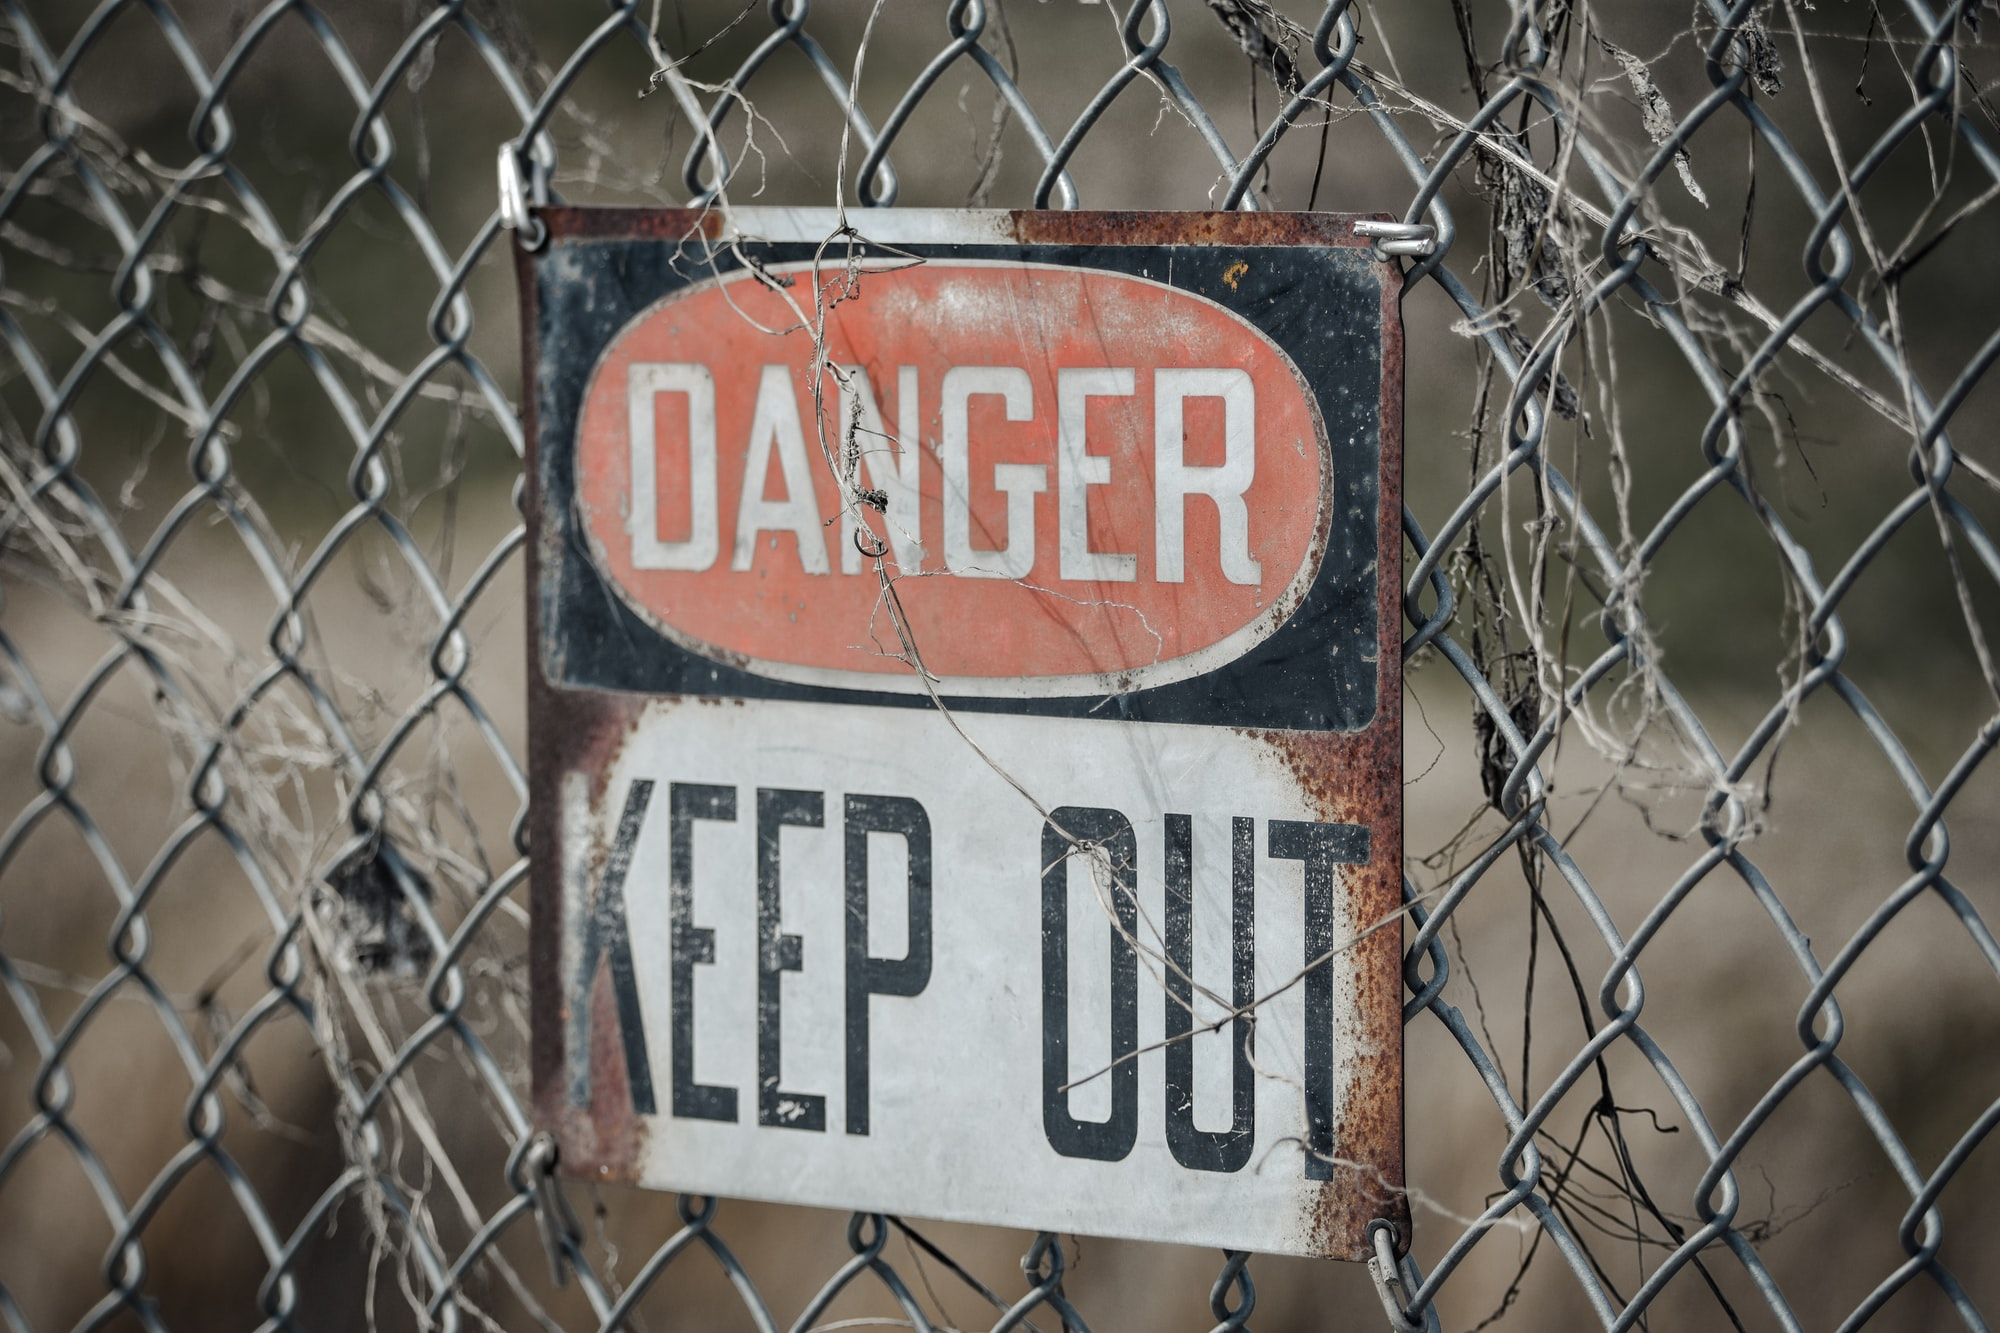 ก.ล.ต. สหรัฐฯ เผยรายชื่อบริษัท Crypto ที่ส่อแววหลอกลวงนักลงทุนต่างชาติ